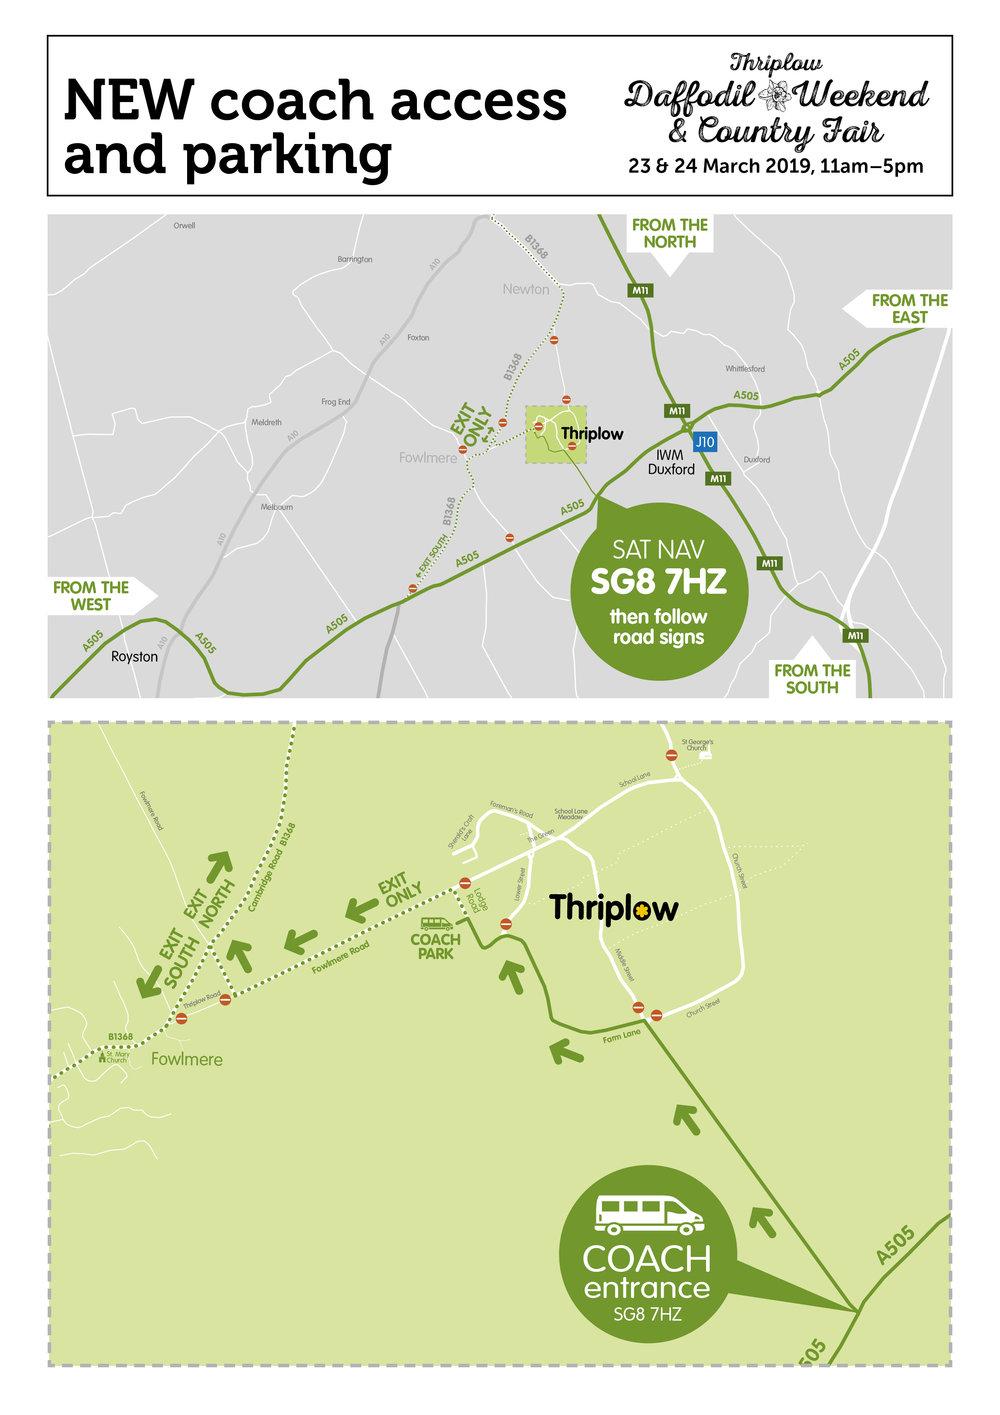 DW2019 coach map handout-3.jpg